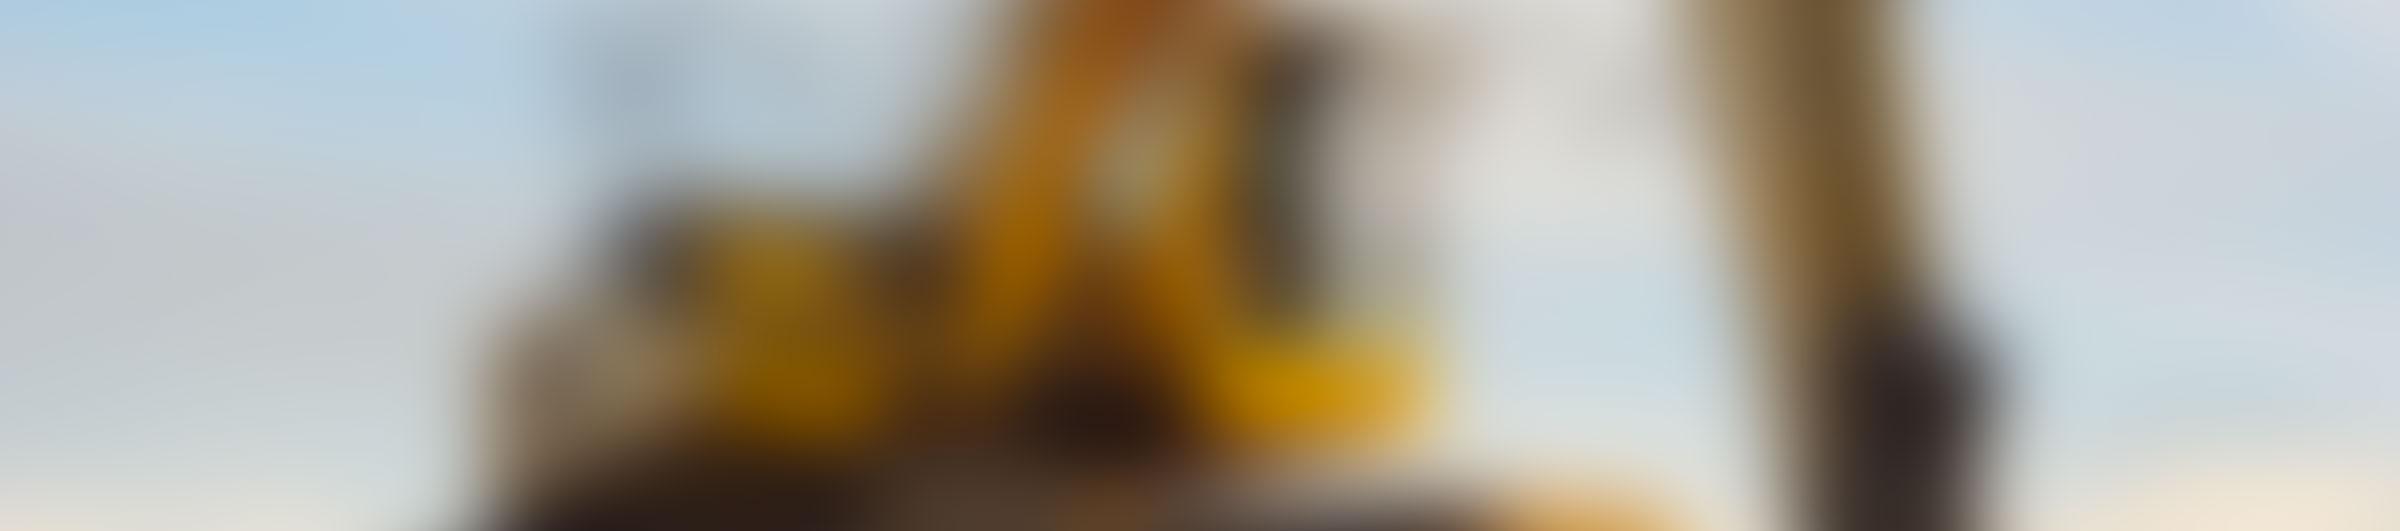 background-blur-banner-02